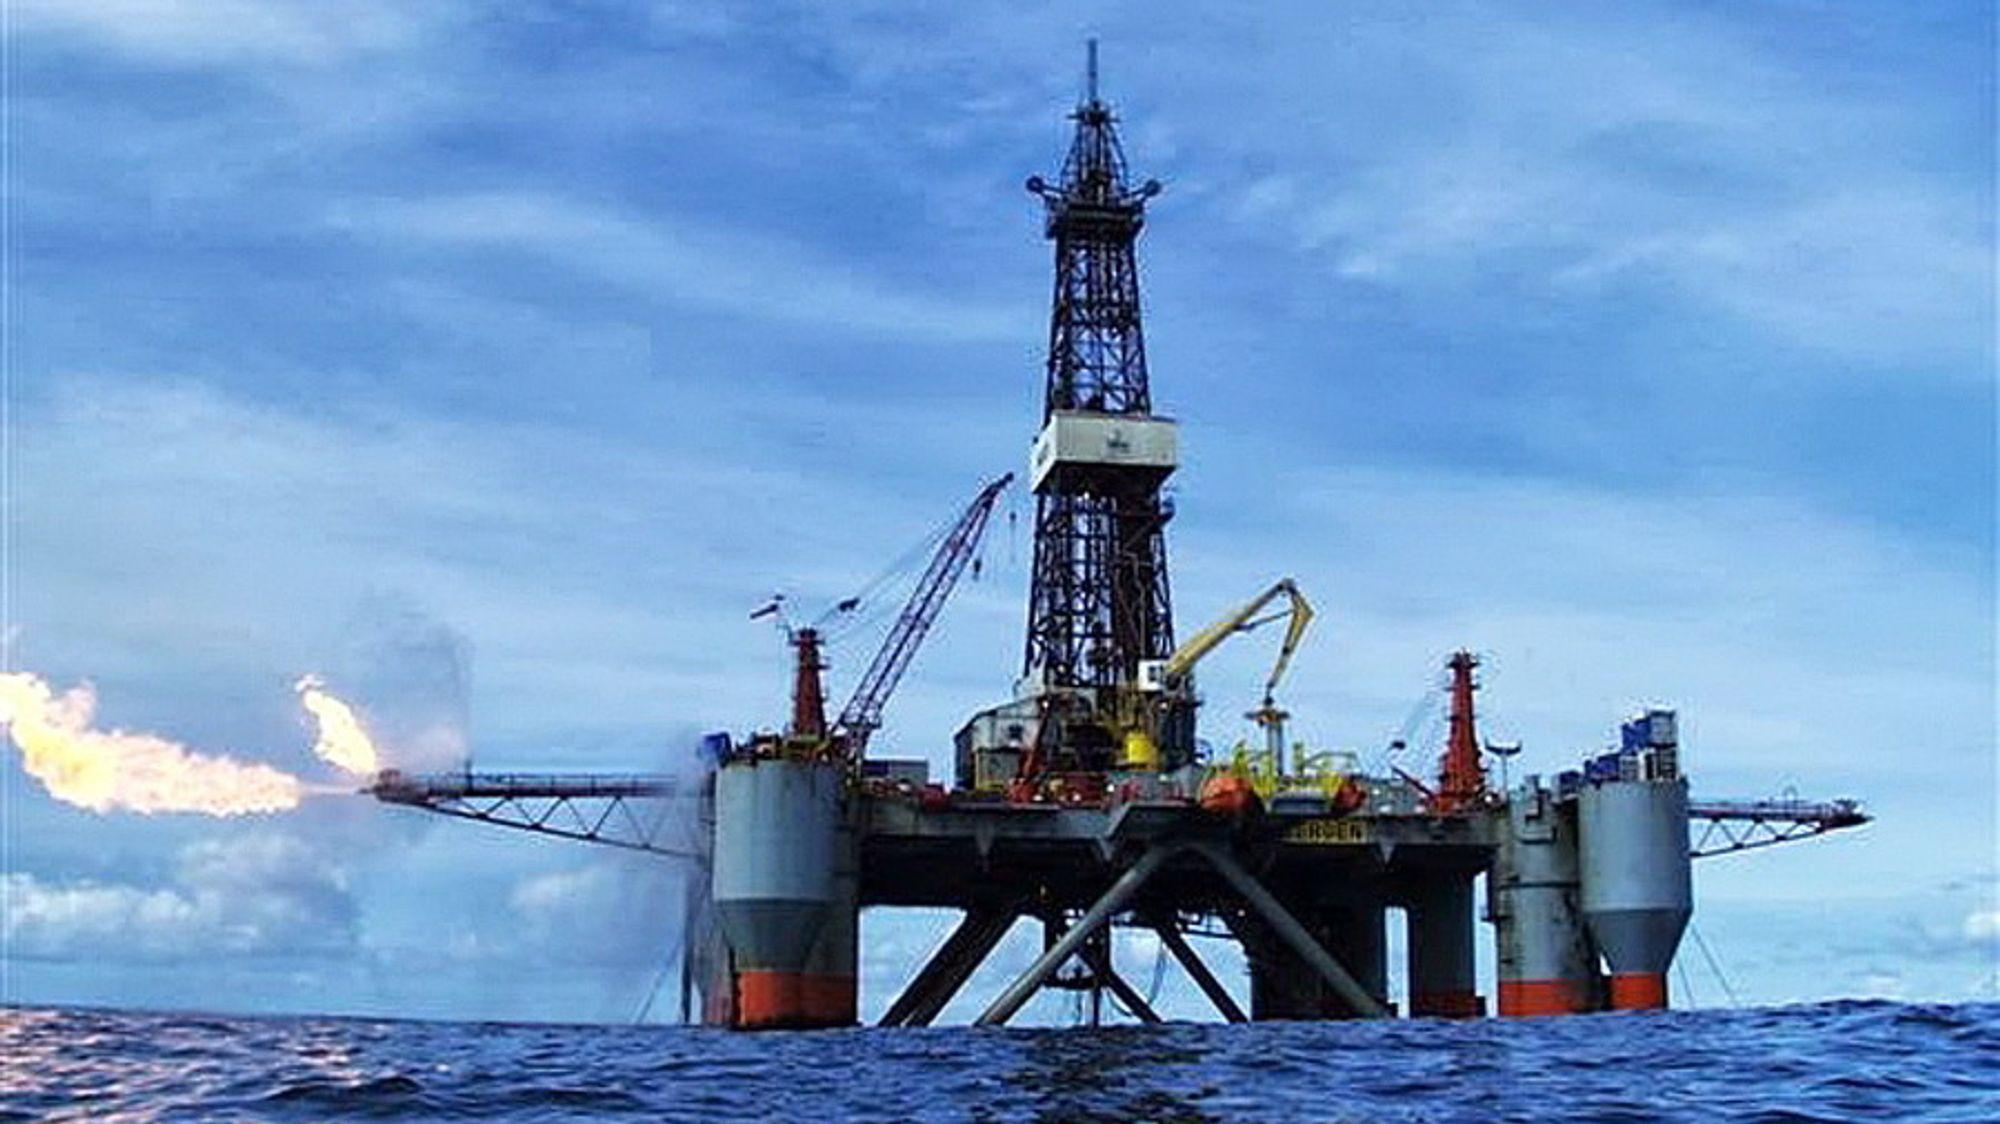 Statoil har ikke lykkes i å finne nye oppgaver for Songa Trym, og riggen tas dermed ut av drift ut året. Det er den femte riggen i Statoils portefølje som  suspenderes i 2014.